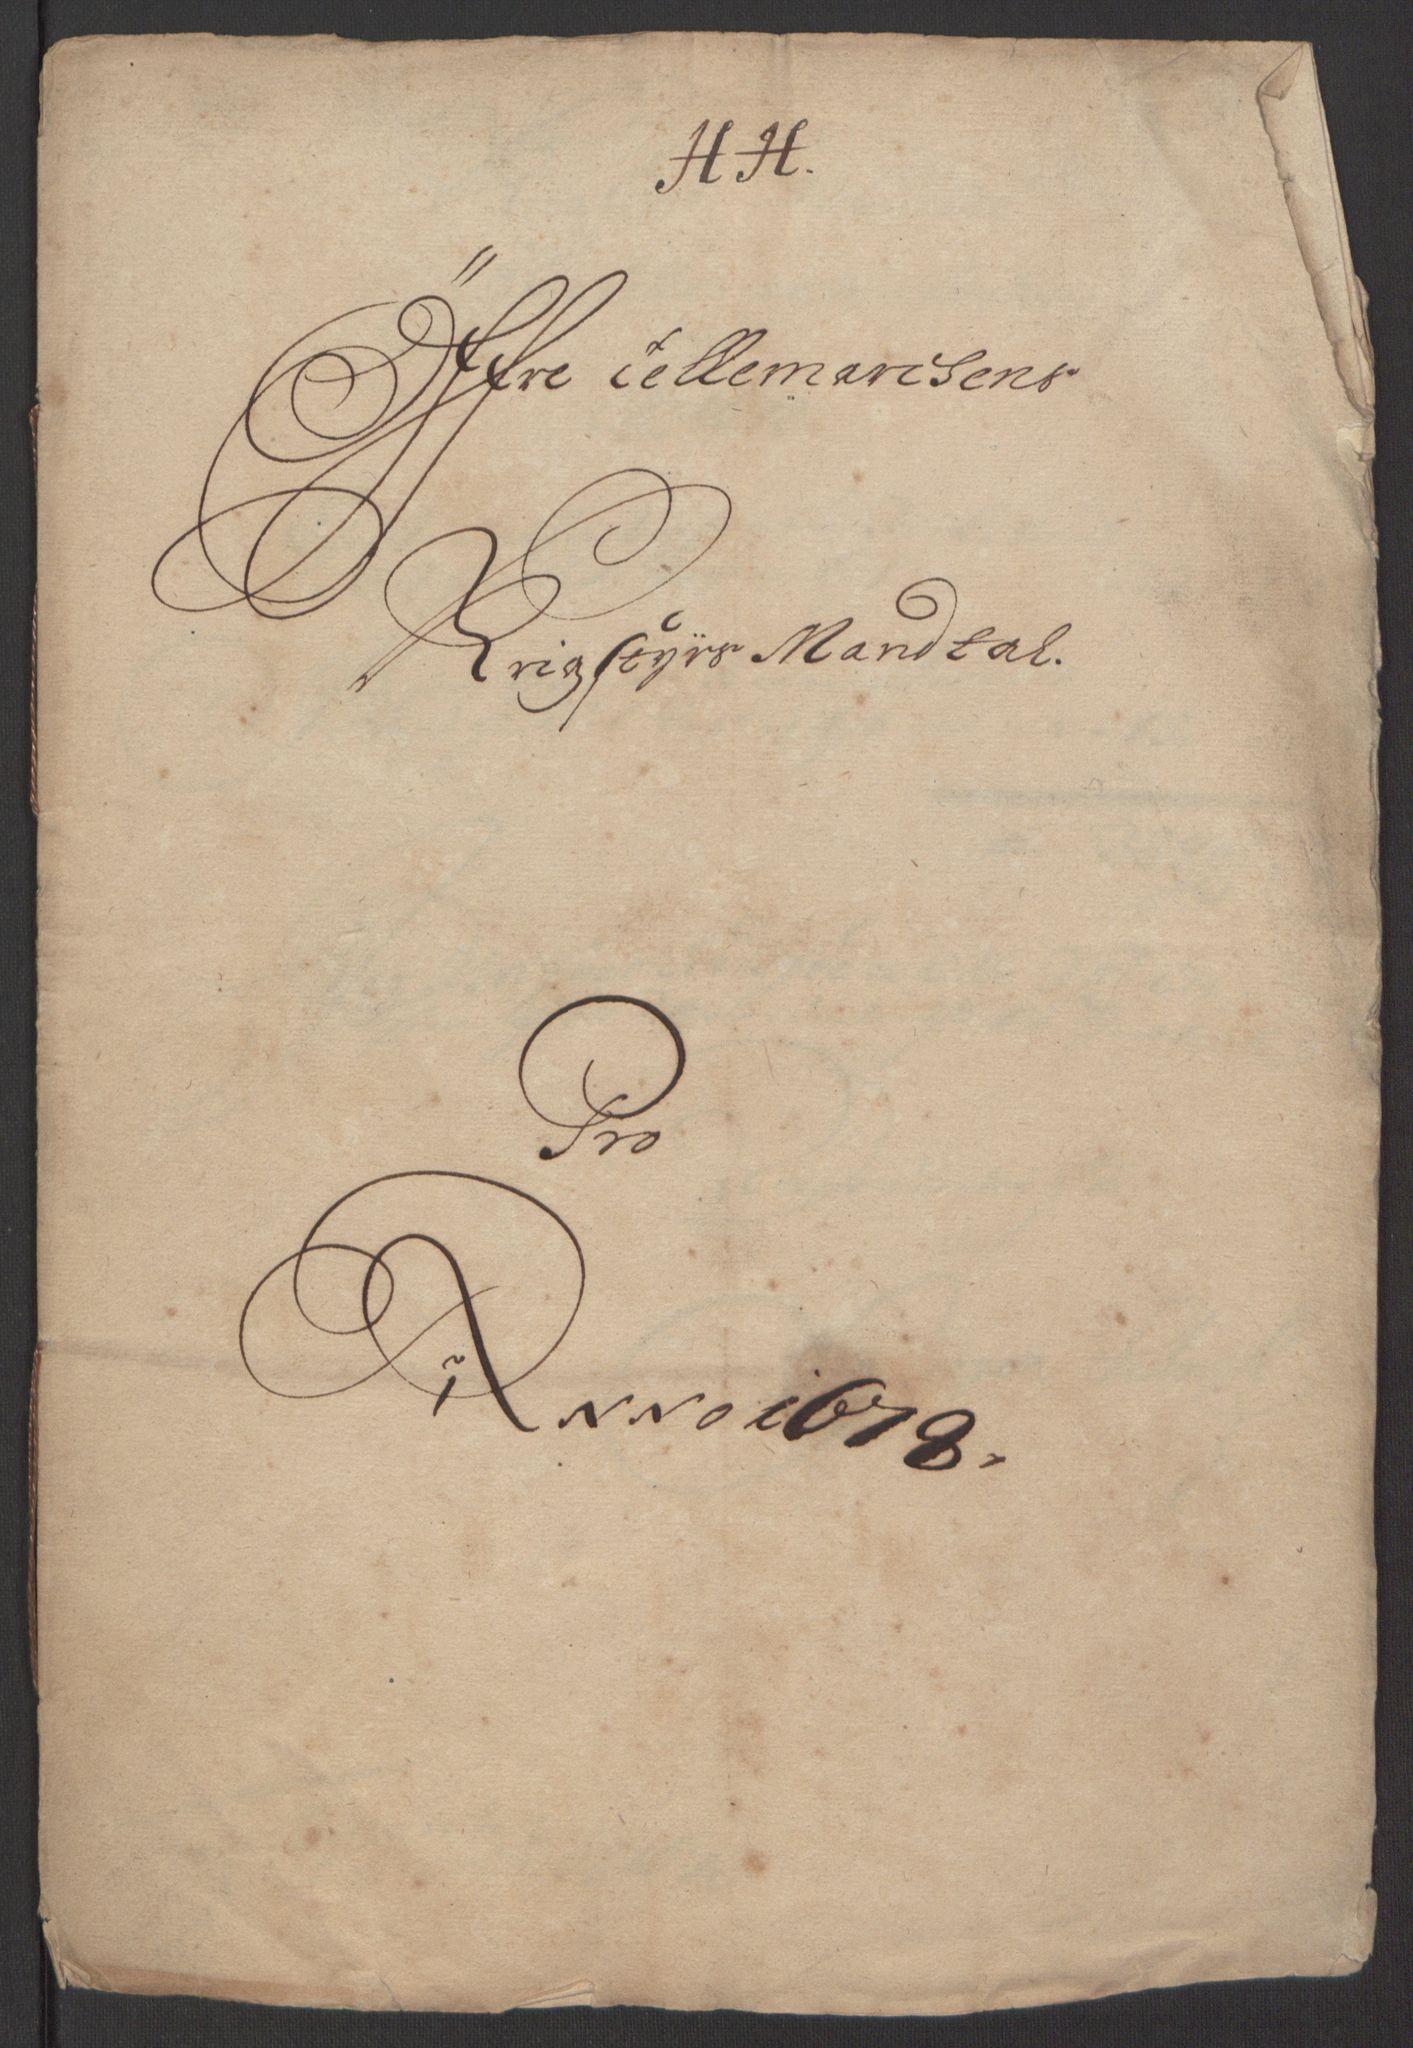 RA, Rentekammeret inntil 1814, Reviderte regnskaper, Fogderegnskap, R35/L2071: Fogderegnskap Øvre og Nedre Telemark, 1678, s. 162